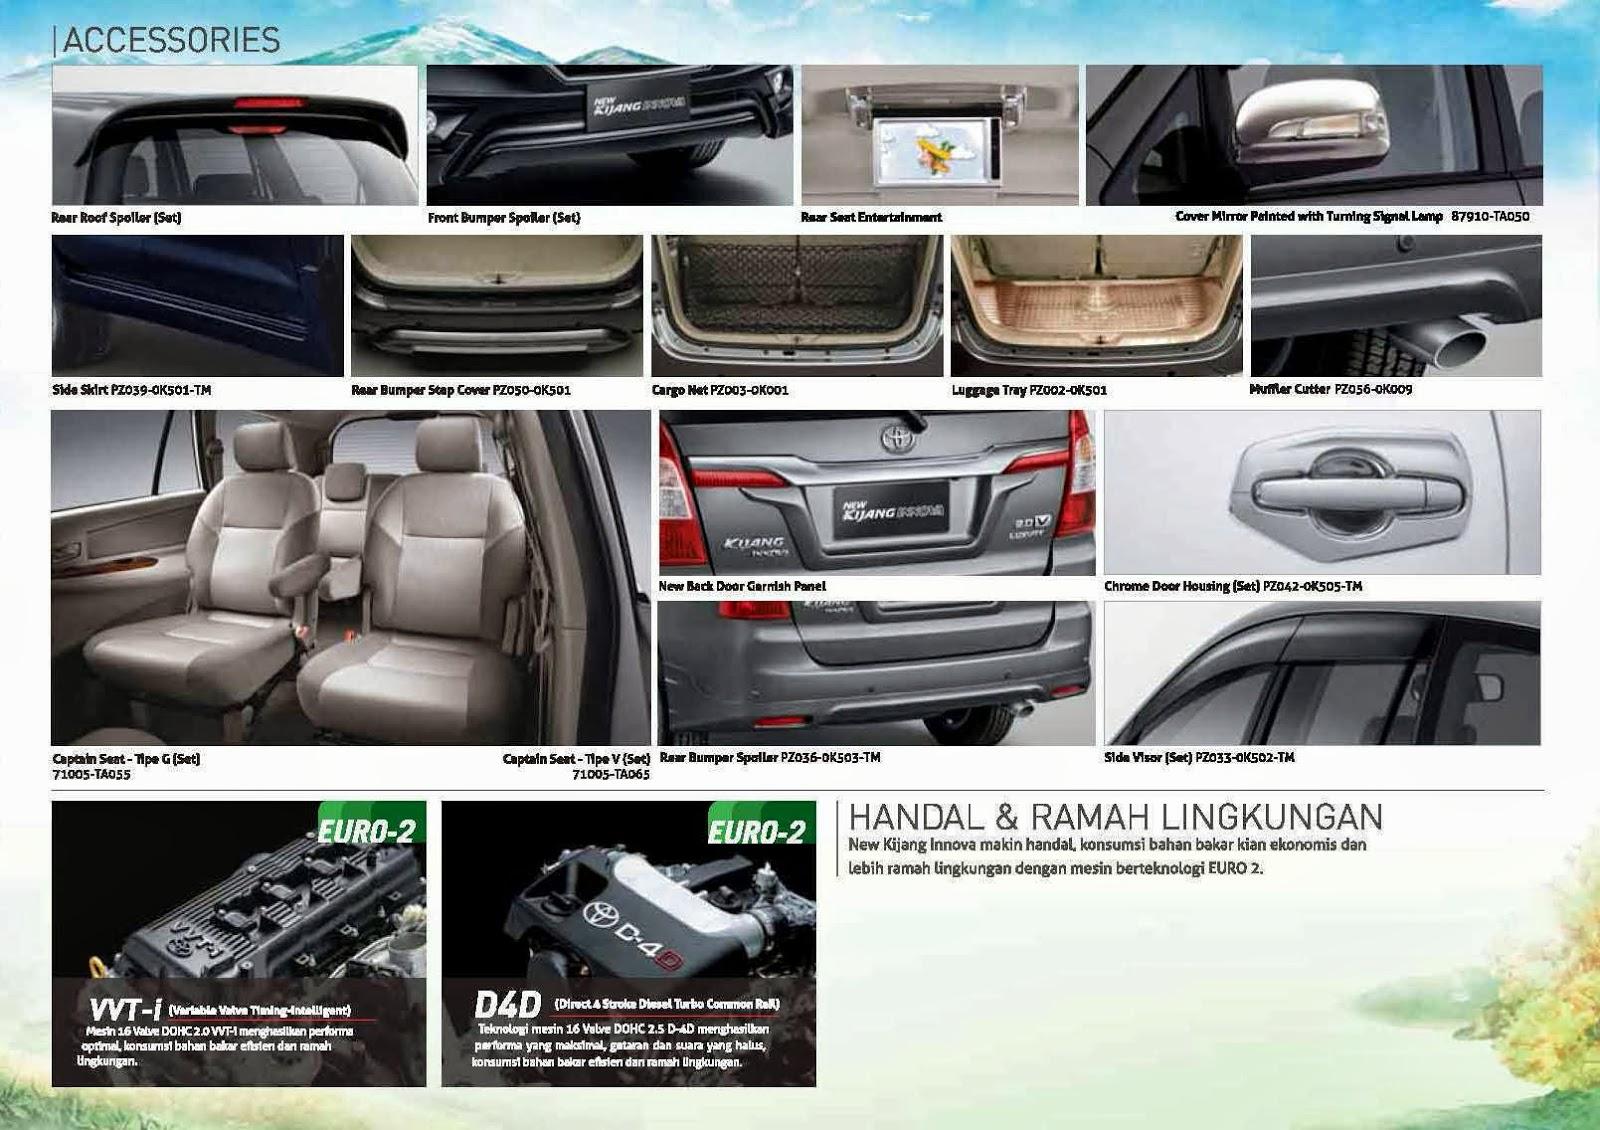 Interior New Innova Venturer Toyota Yaris Trd Heykers Brosur Kijang 2015 Grill